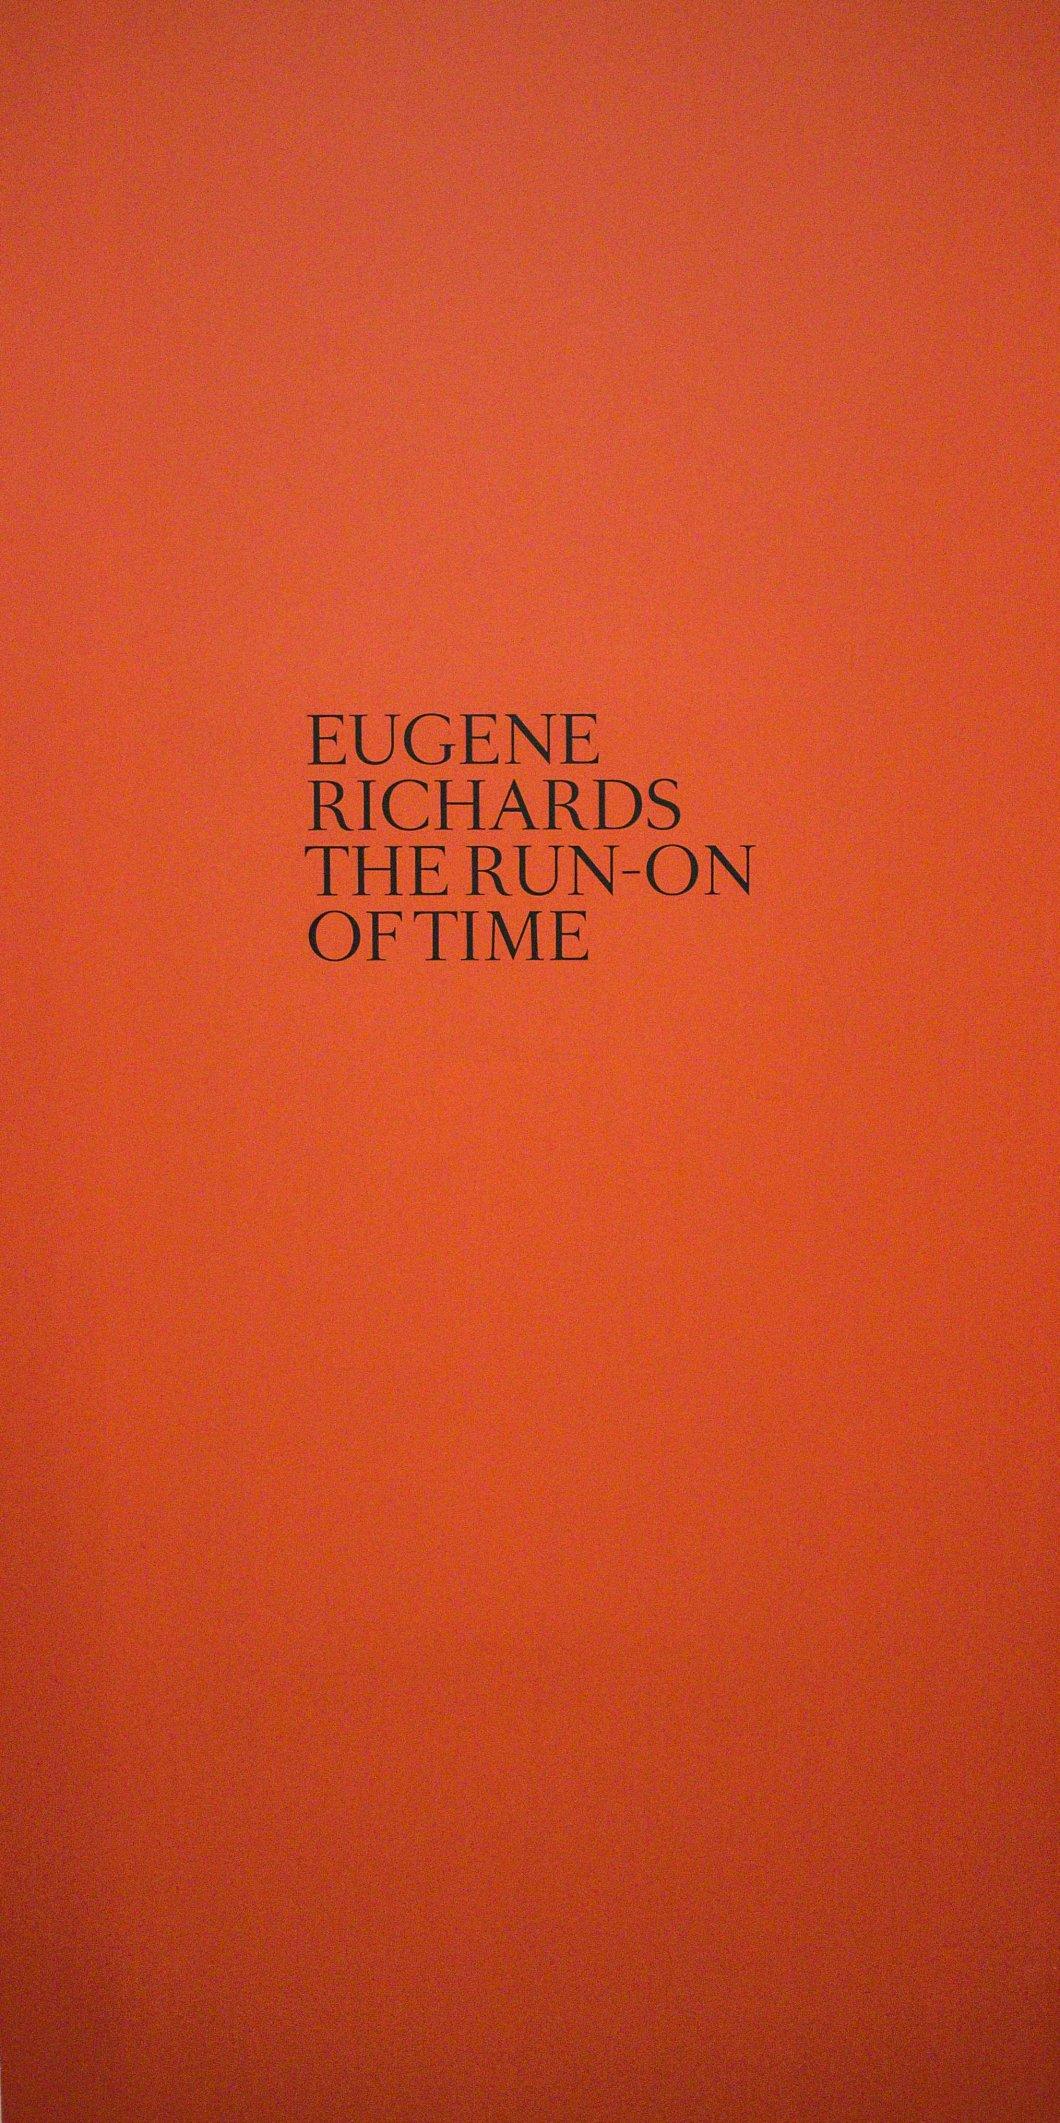 eugene richards the run-on of time d.d. teoli jr. (58)